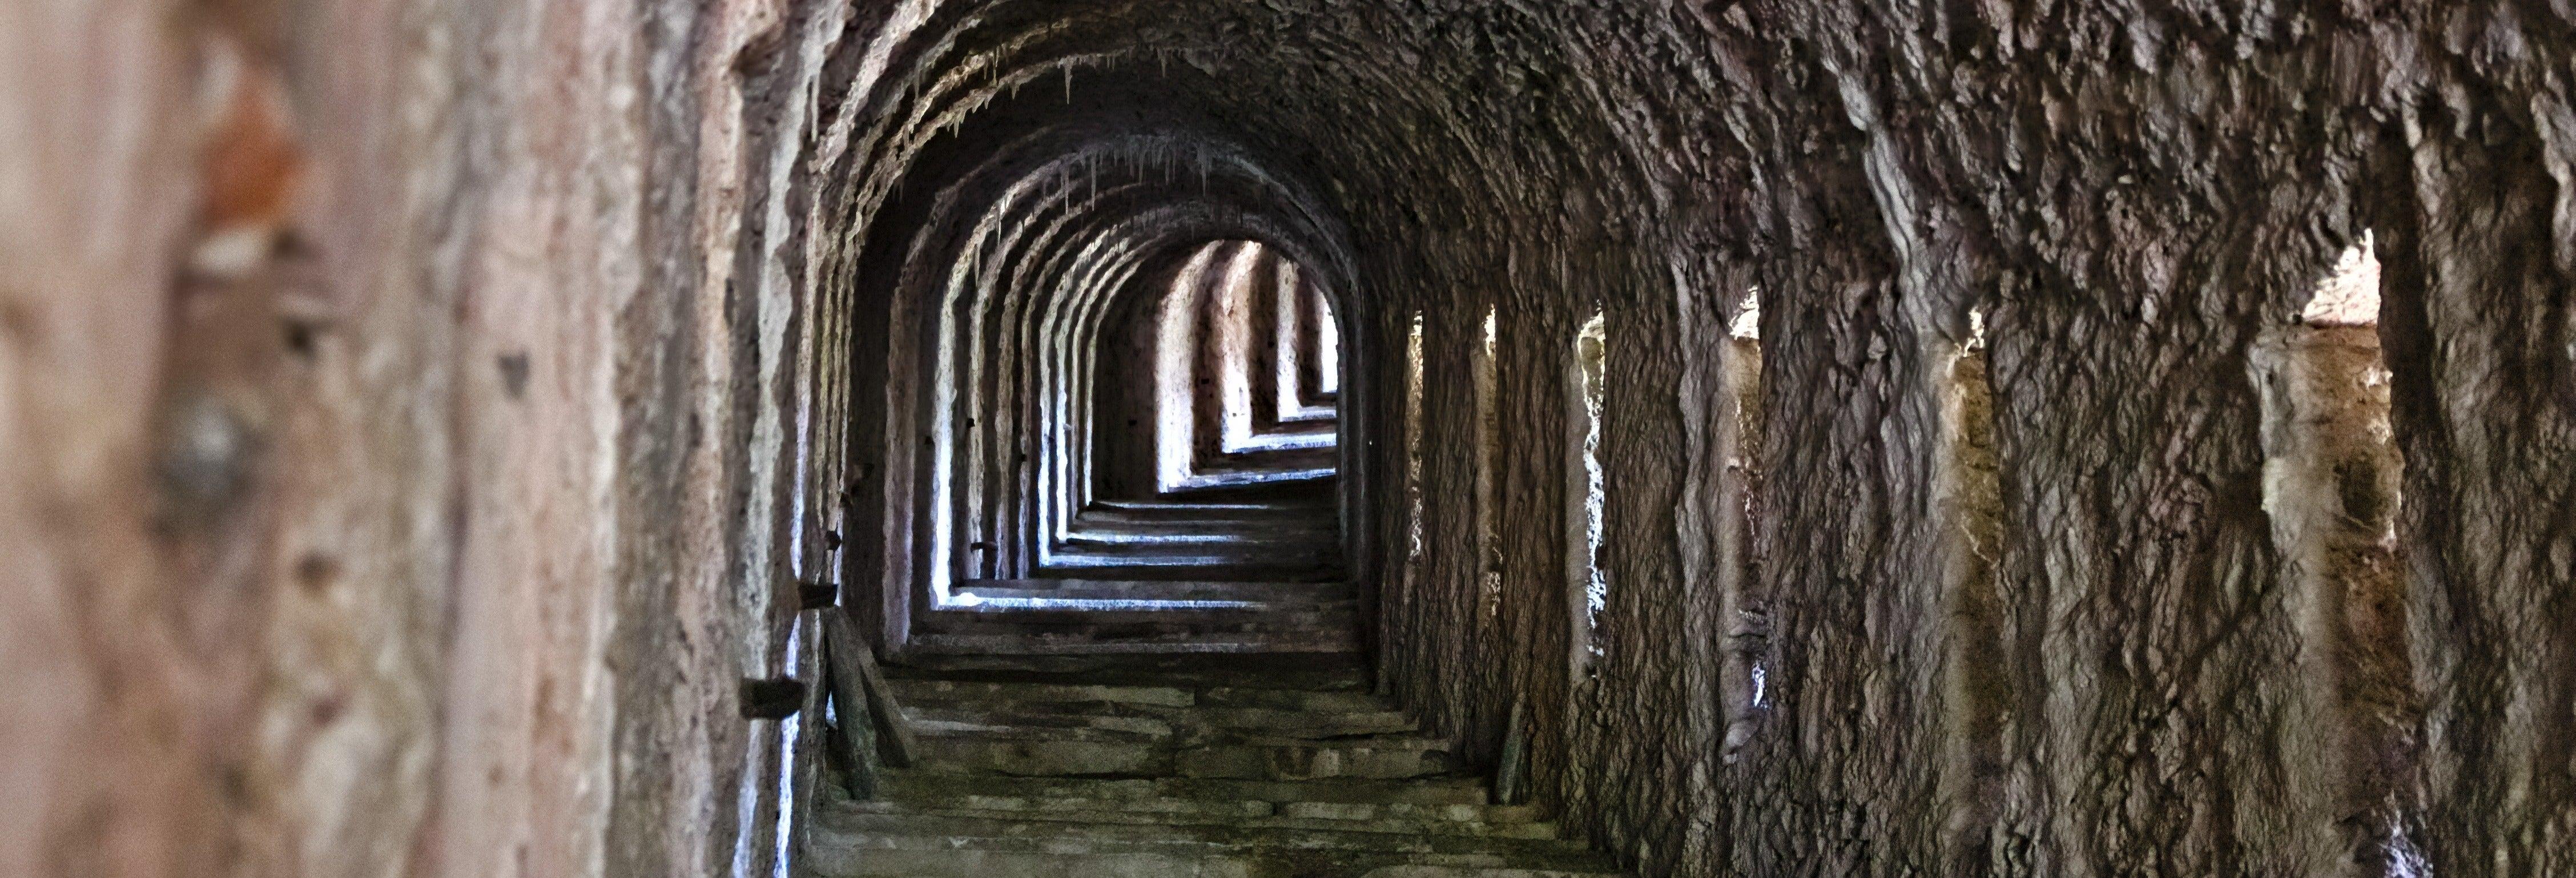 Underground Turin Tour